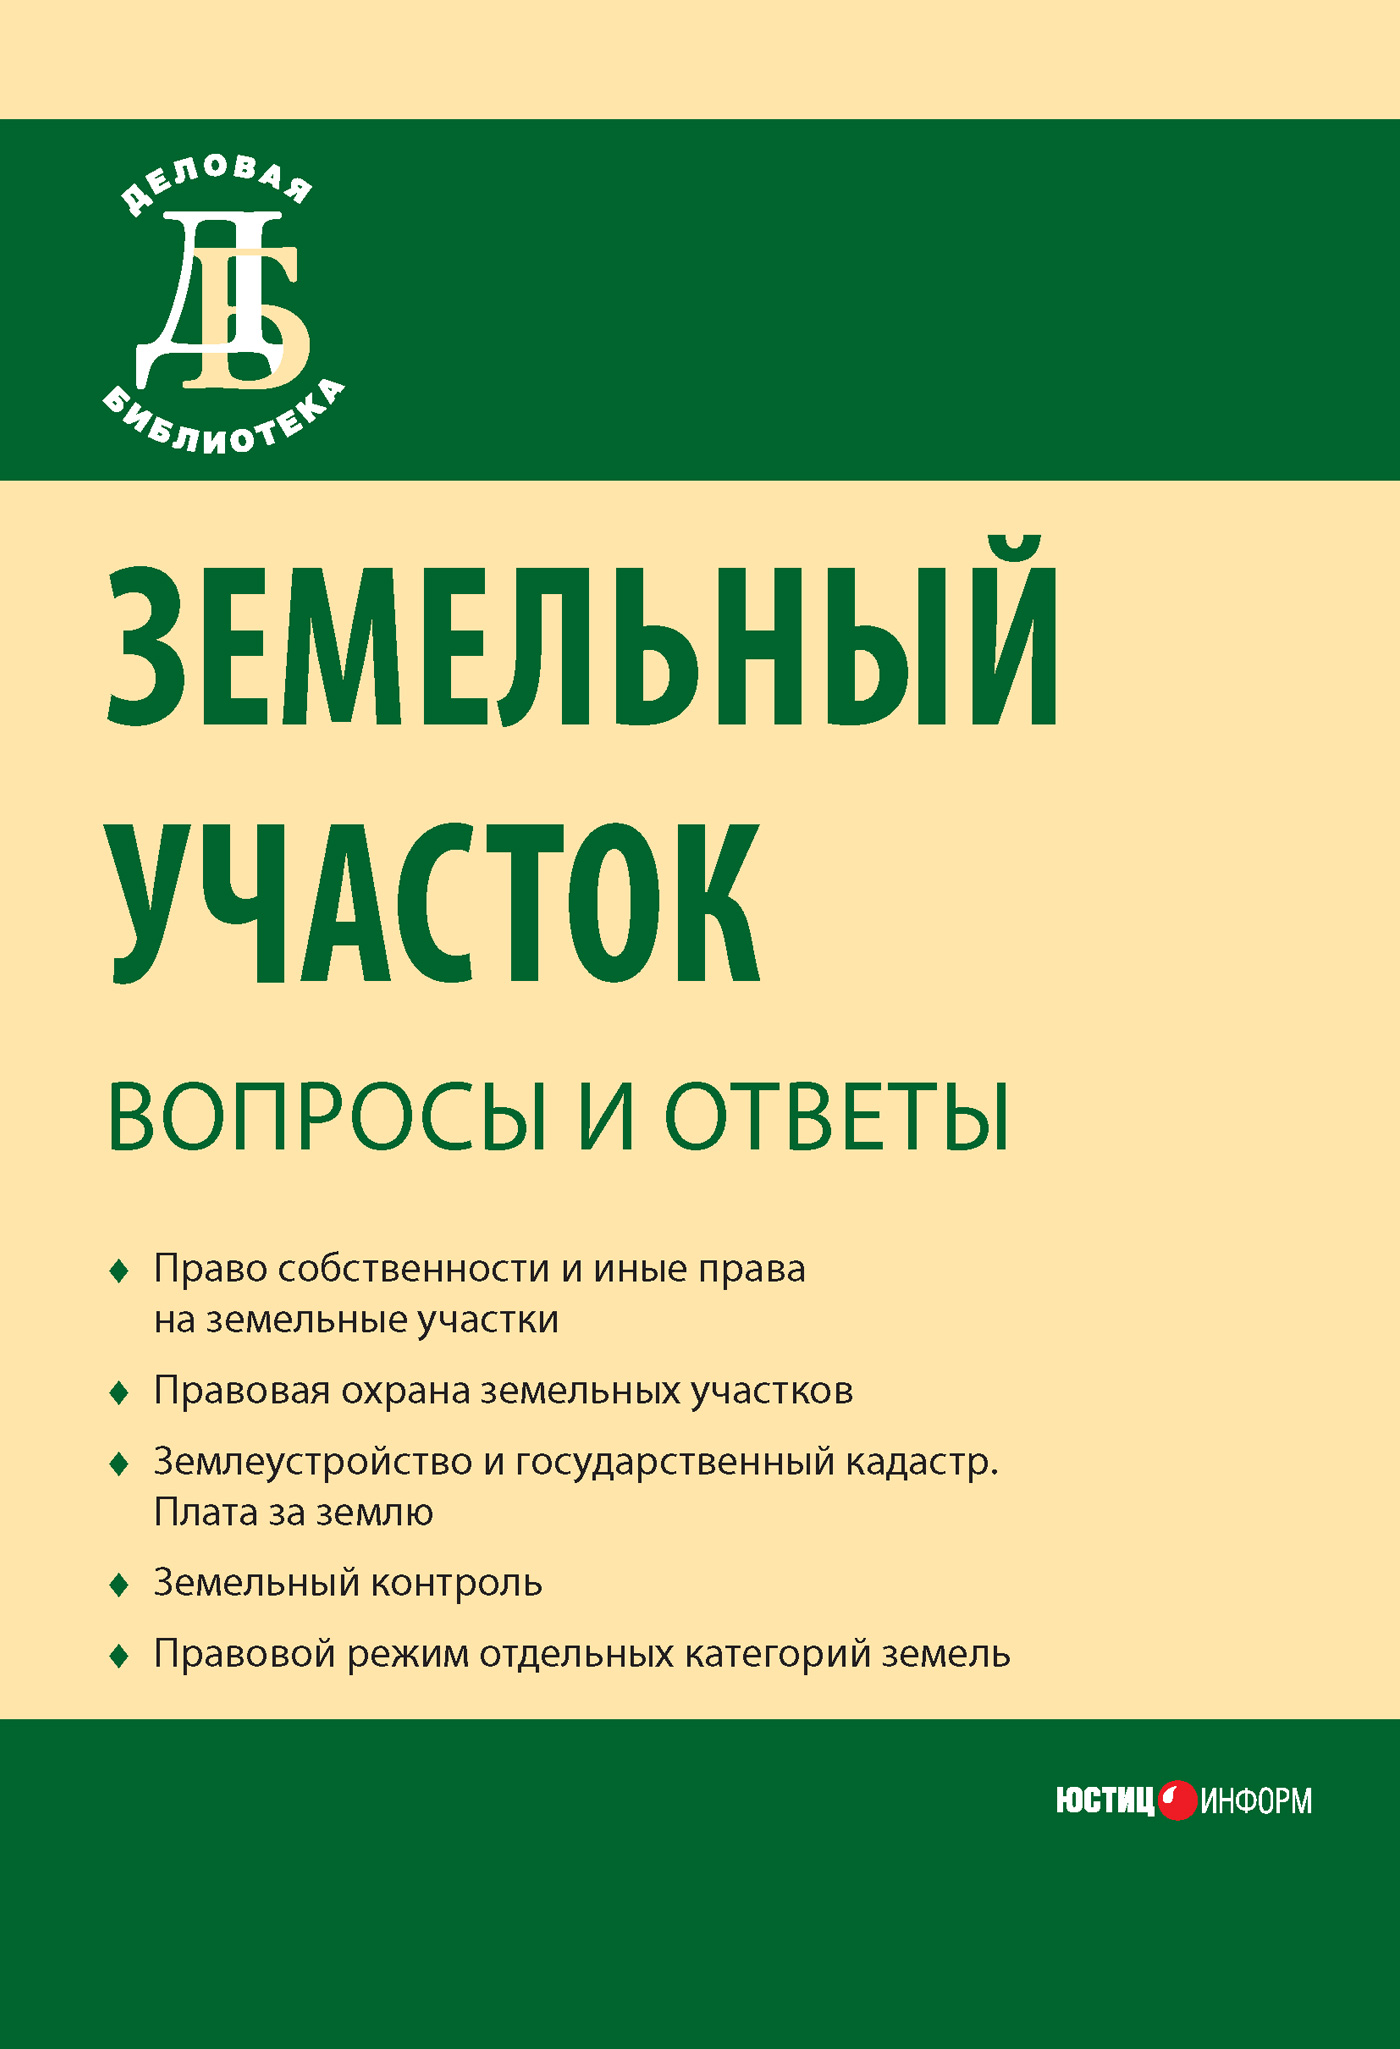 Сергей Александрович Боголюбов : вопросы и ответы